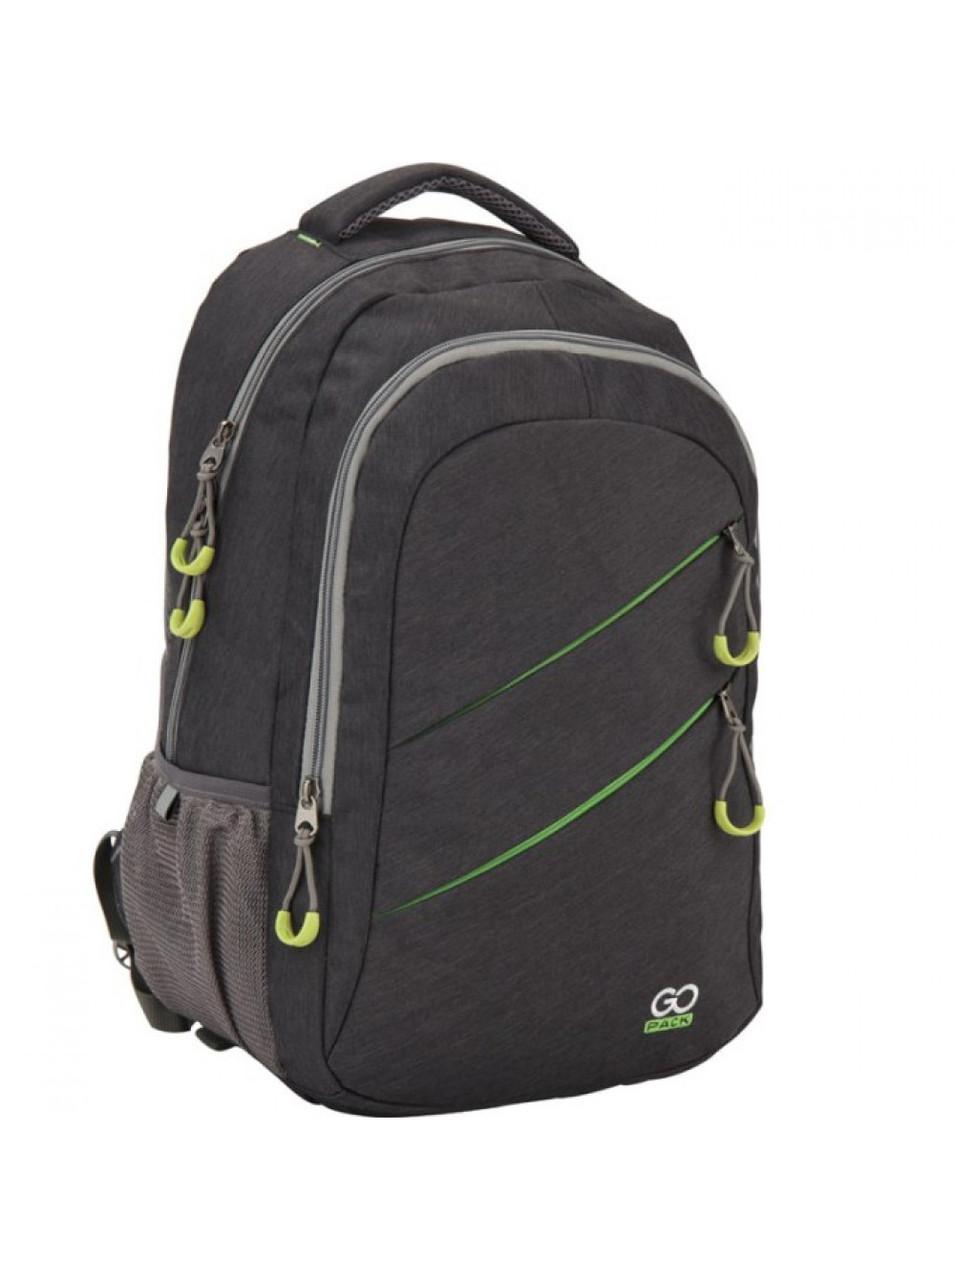 32191d1e7e37 Удобный школьный рюкзак GoPack 110go-1: цена в Киеве